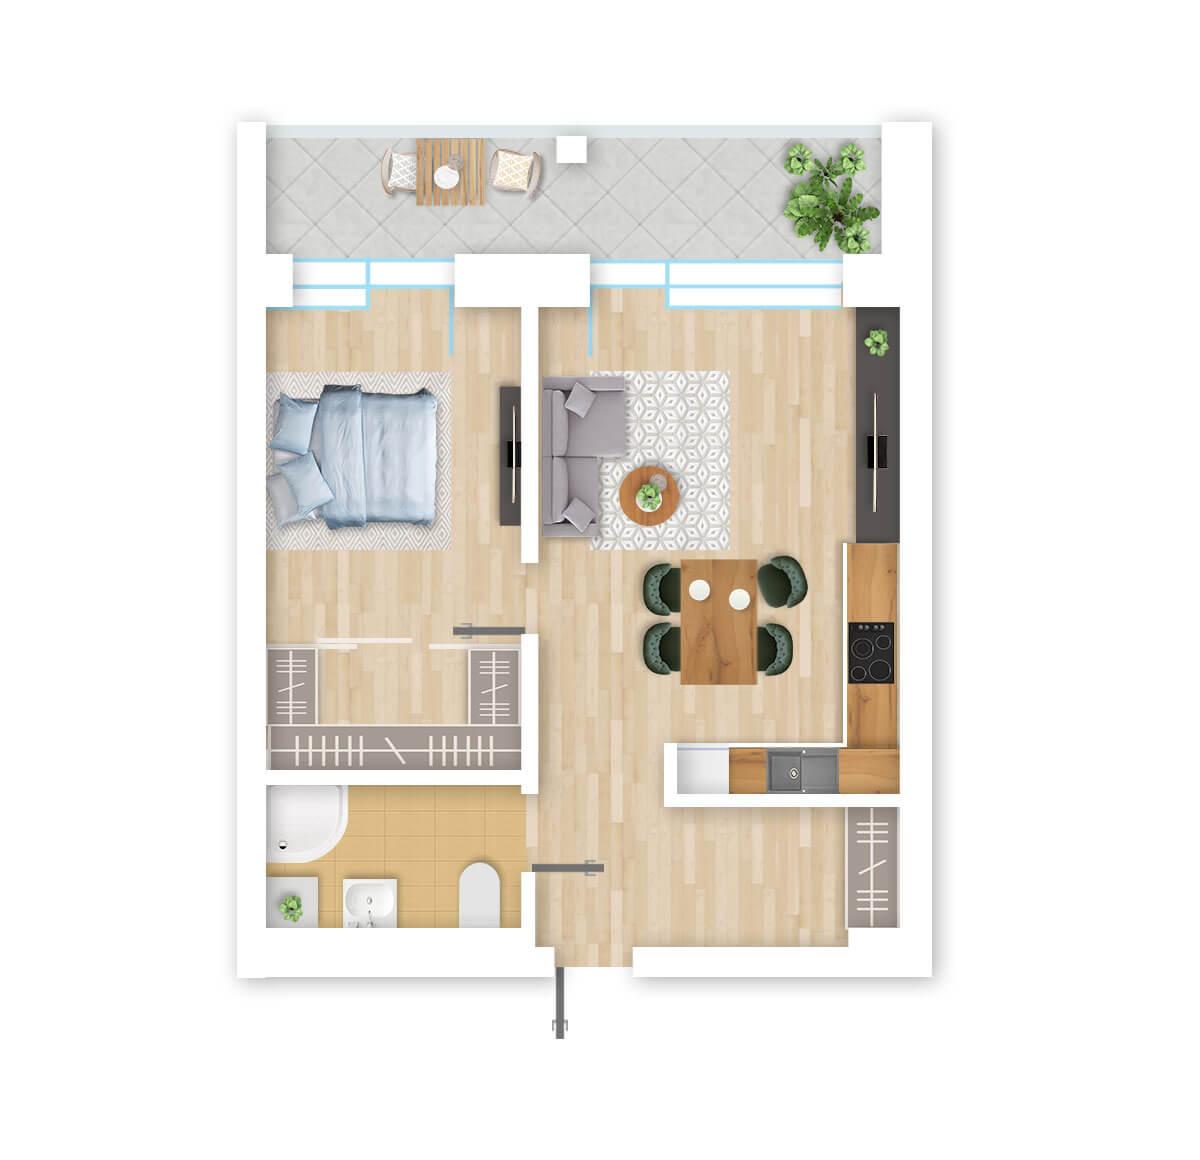 parduodamas butas Lazdynėlių g. 16B - 13 Vilniuje, buto 3D vaizdas